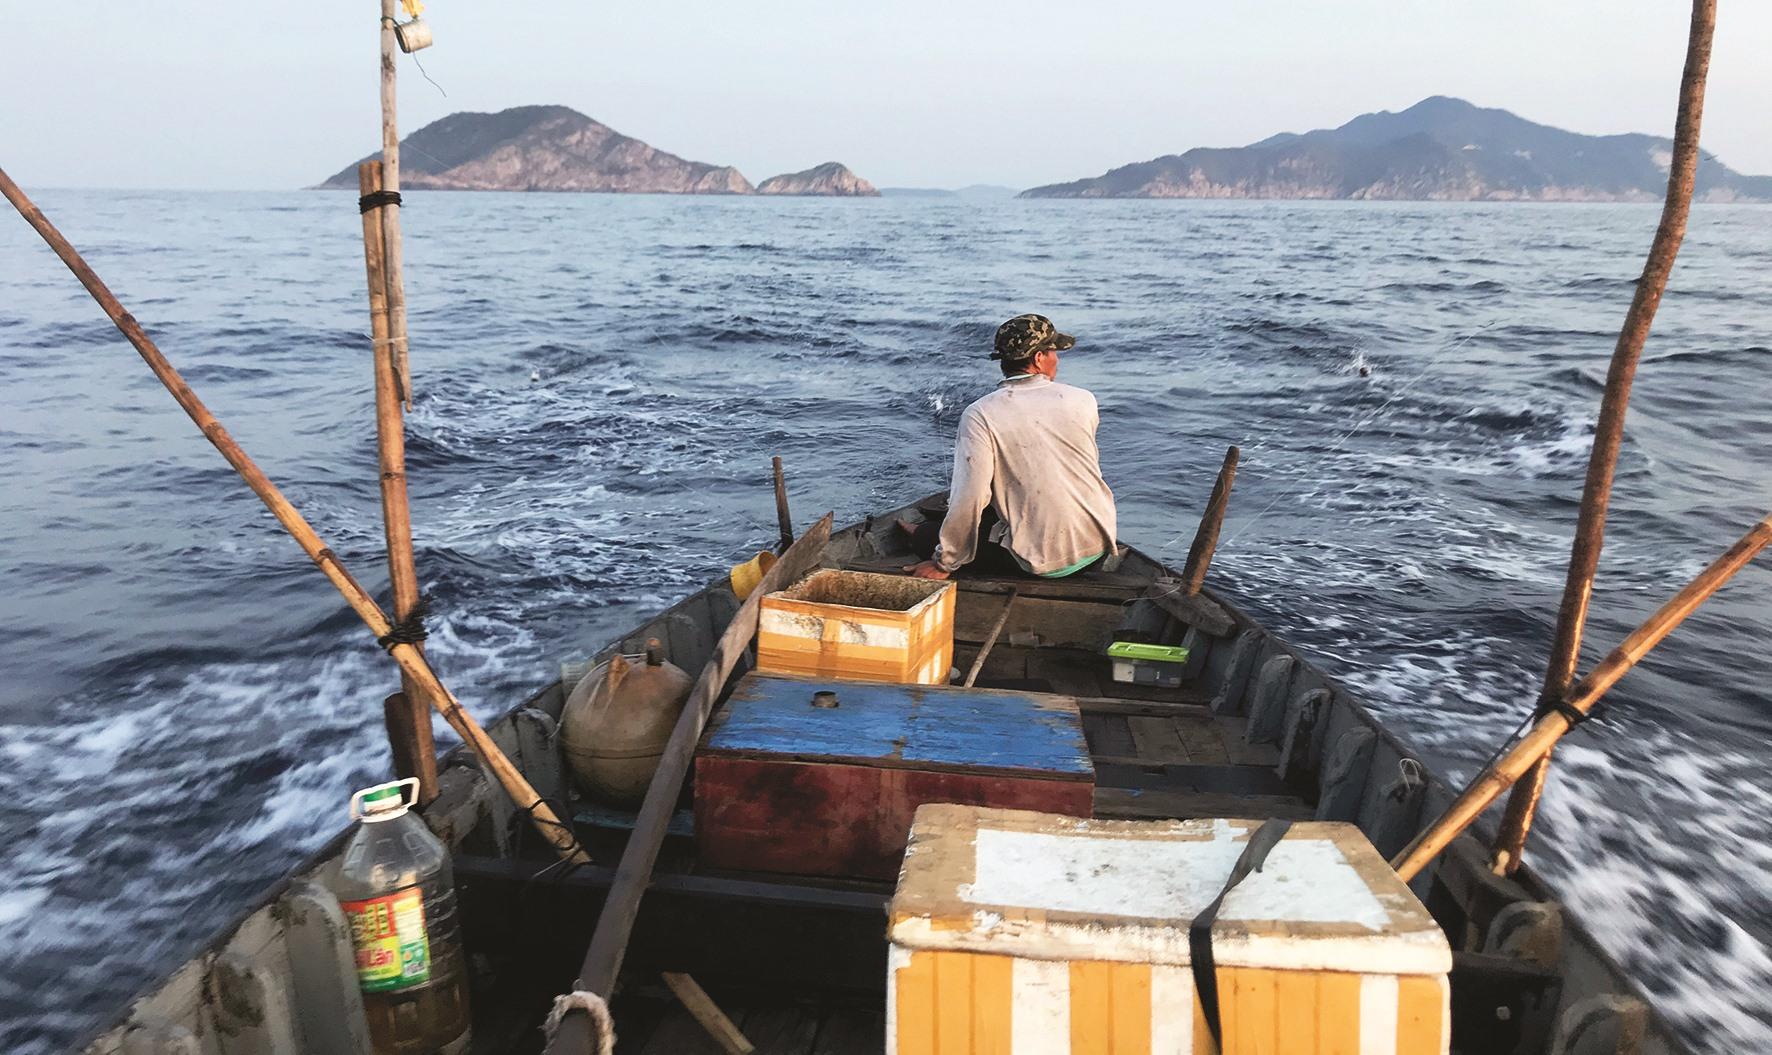 Ngư dân điều khiển tàu chạy và theo dõi cá cắn câu.